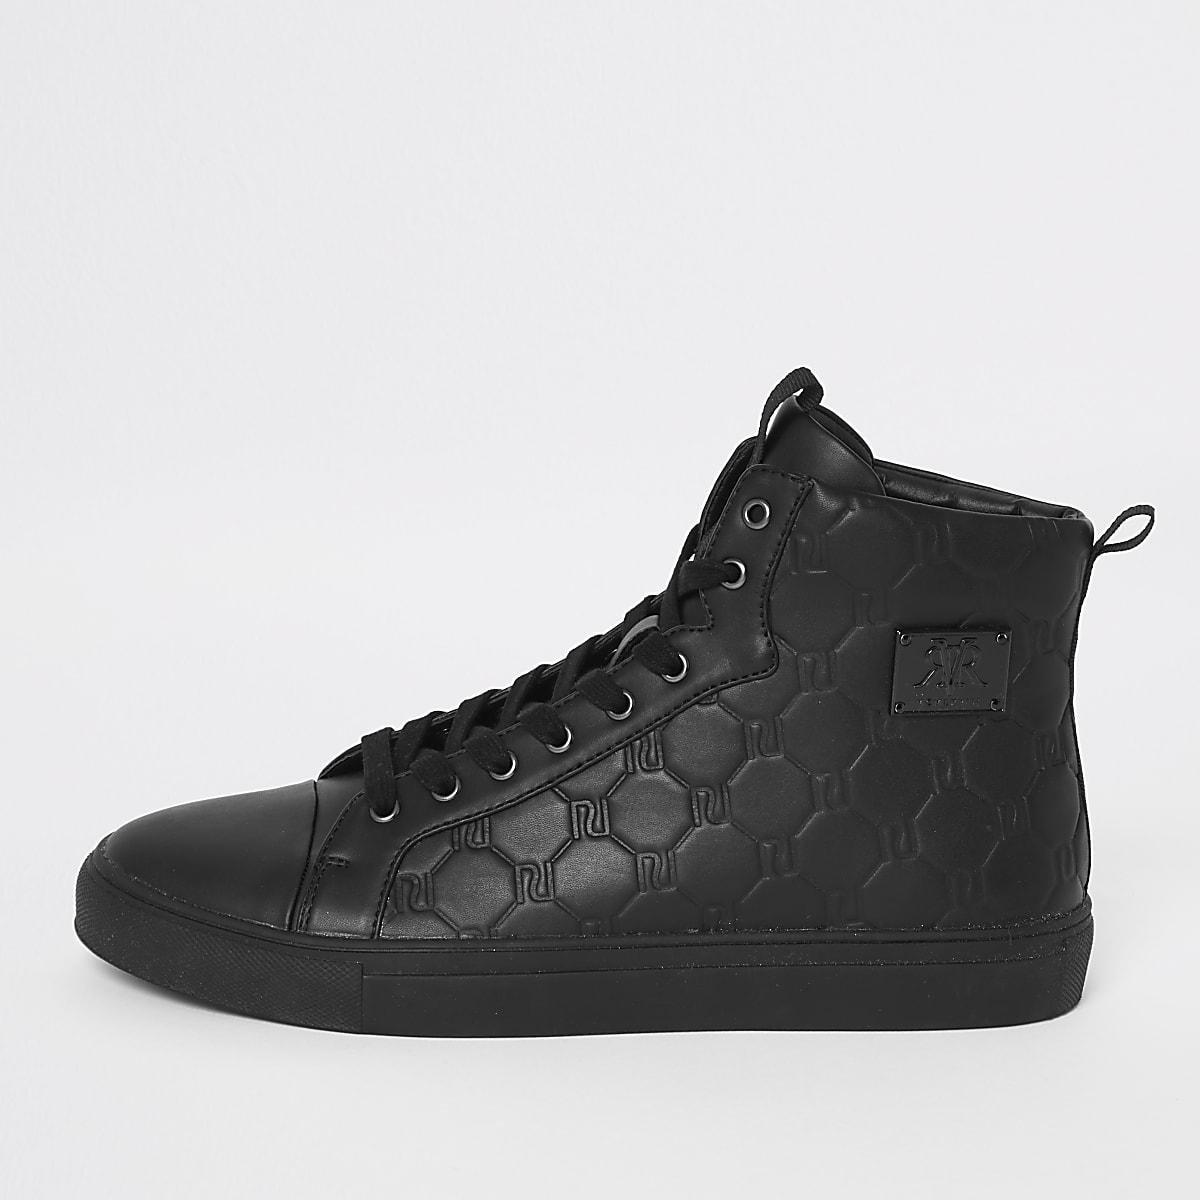 Black RI monogram high top sneakers